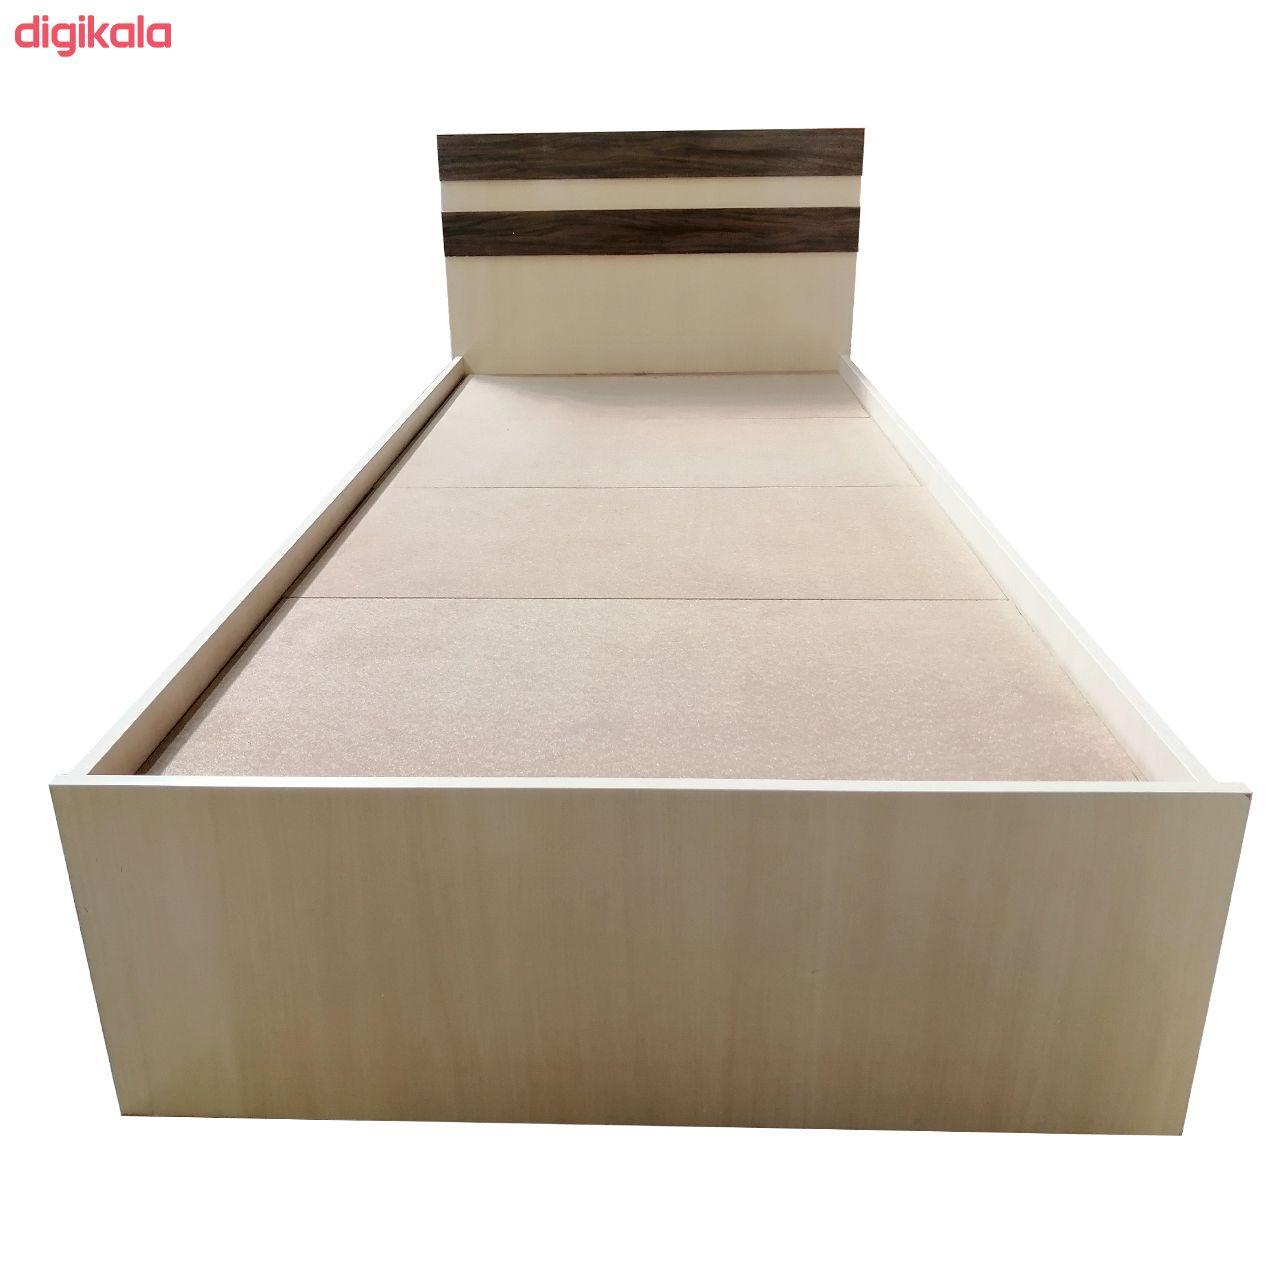 تخت خواب یک نفره مدل TB17 سایز 200x96 سانتی متر  main 1 1